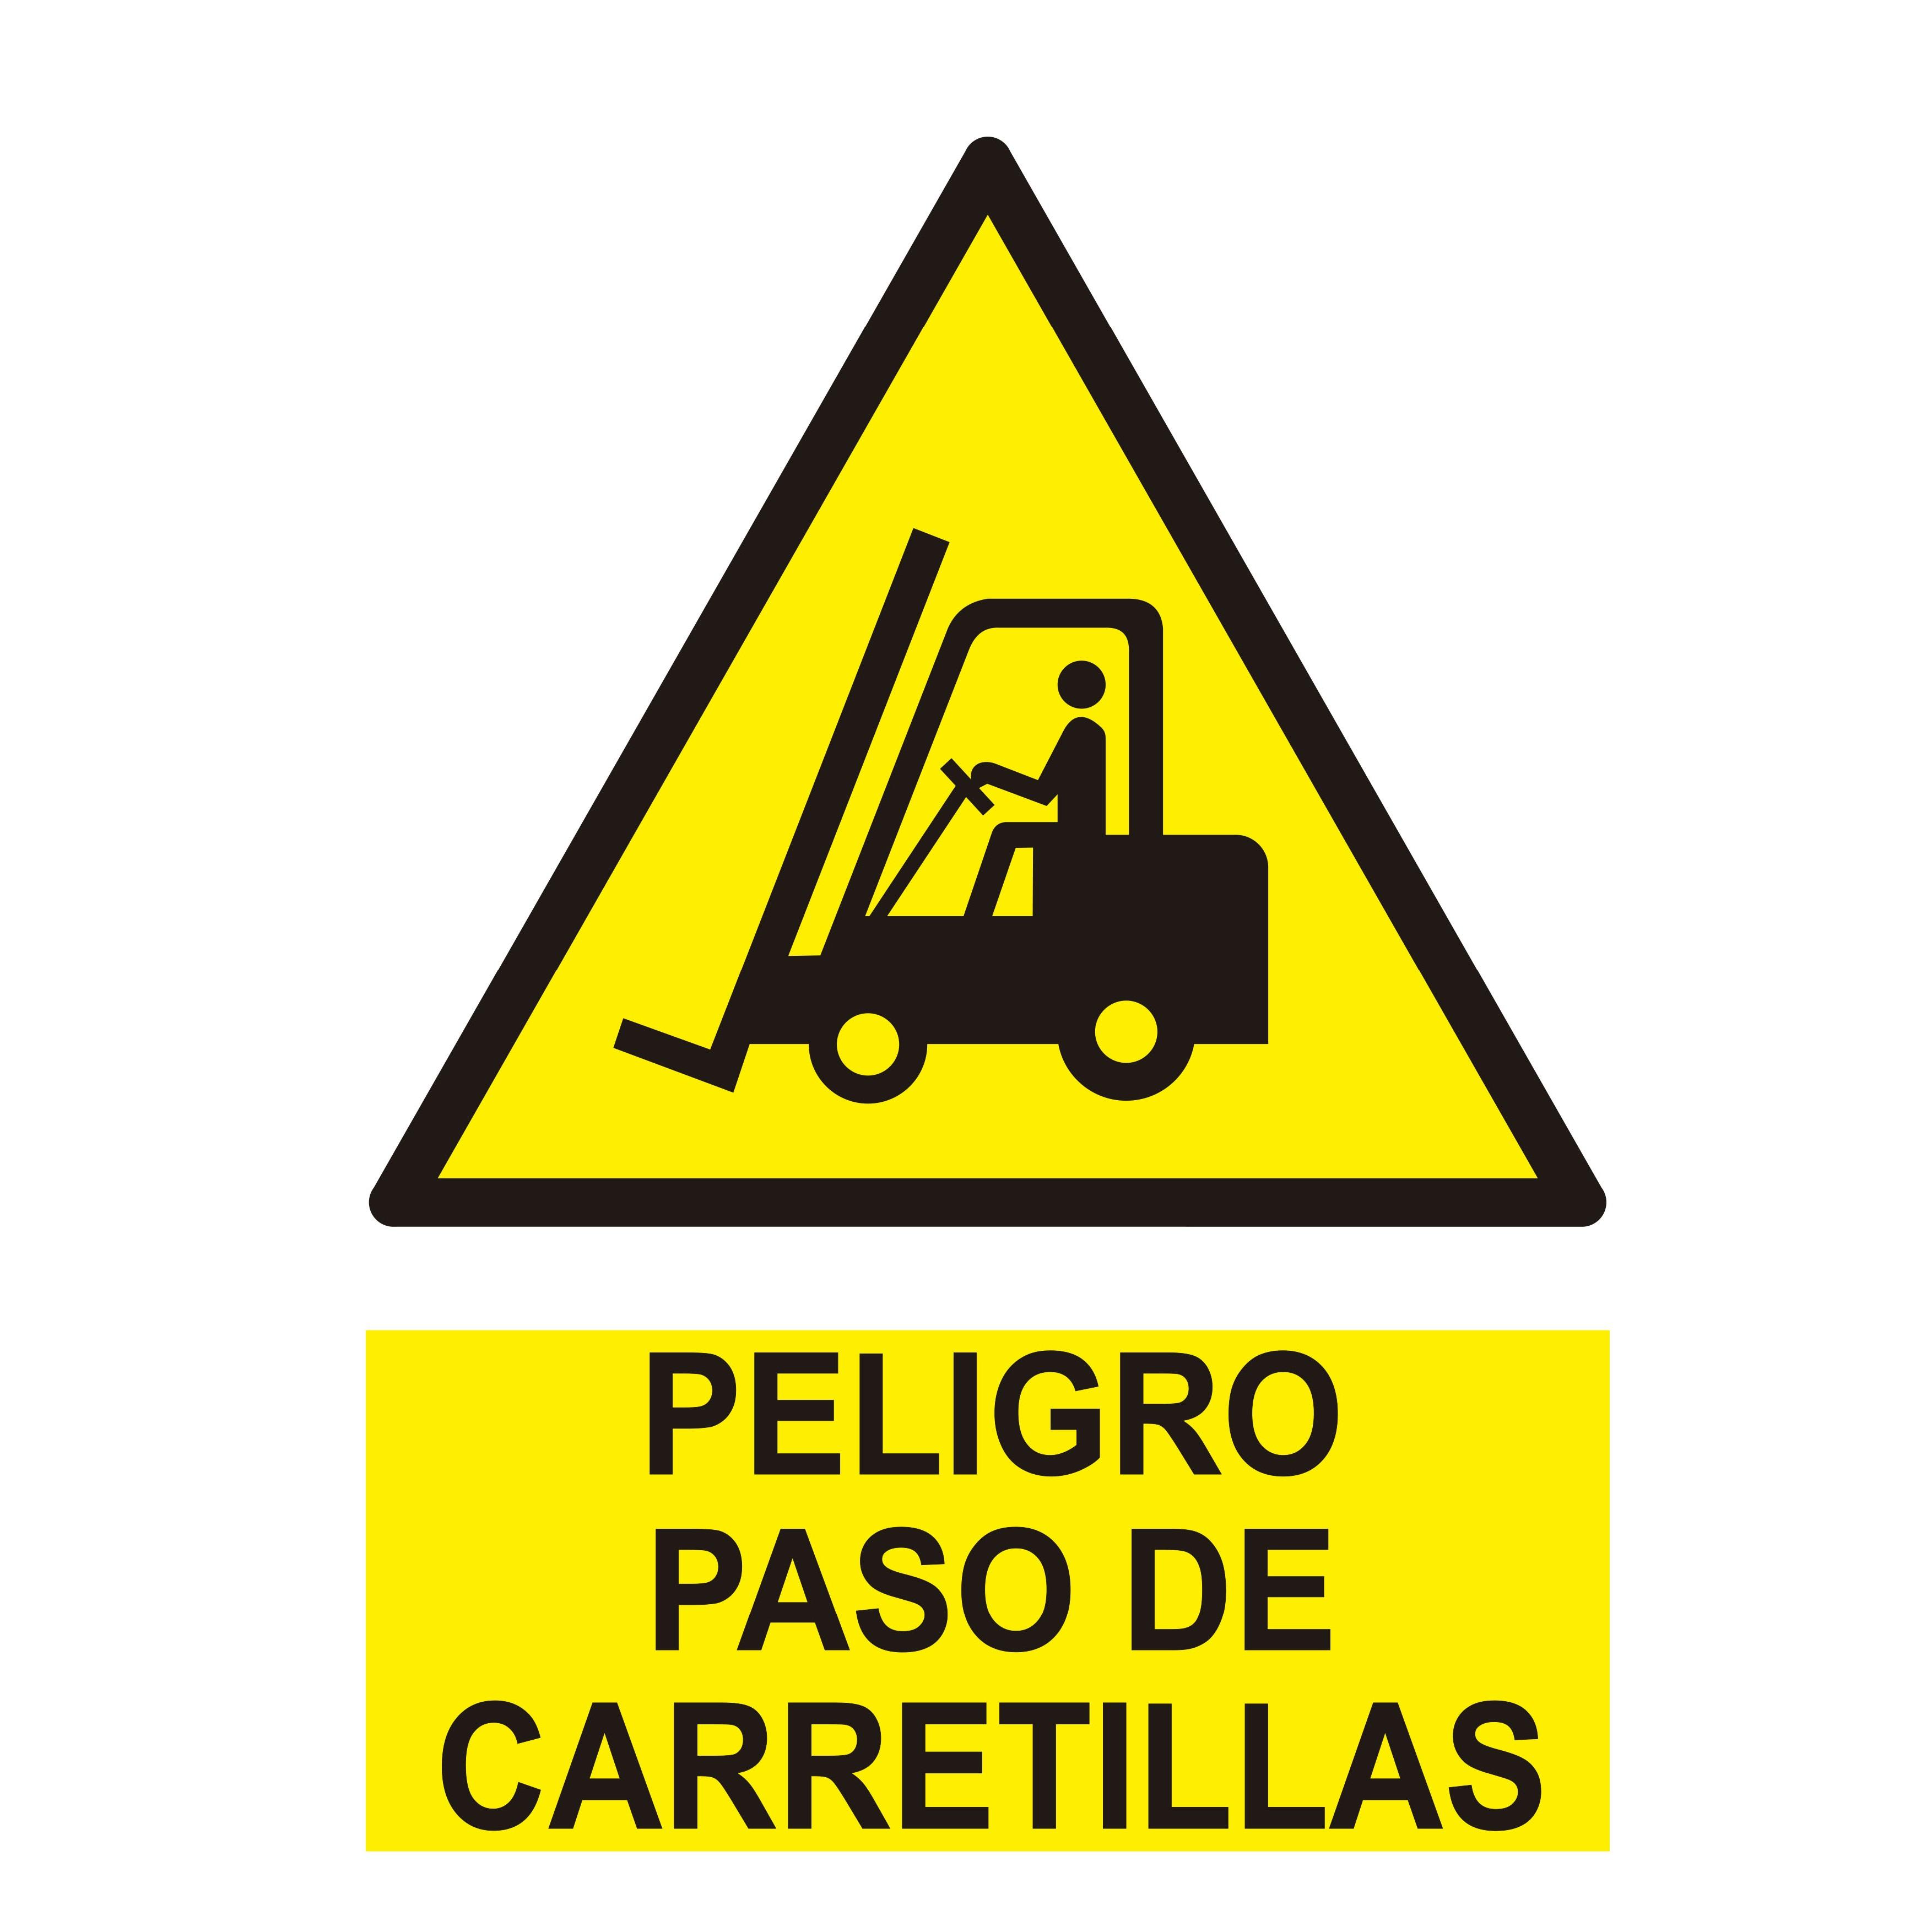 Señal PELIGRO PASO DE CARRETILLAS